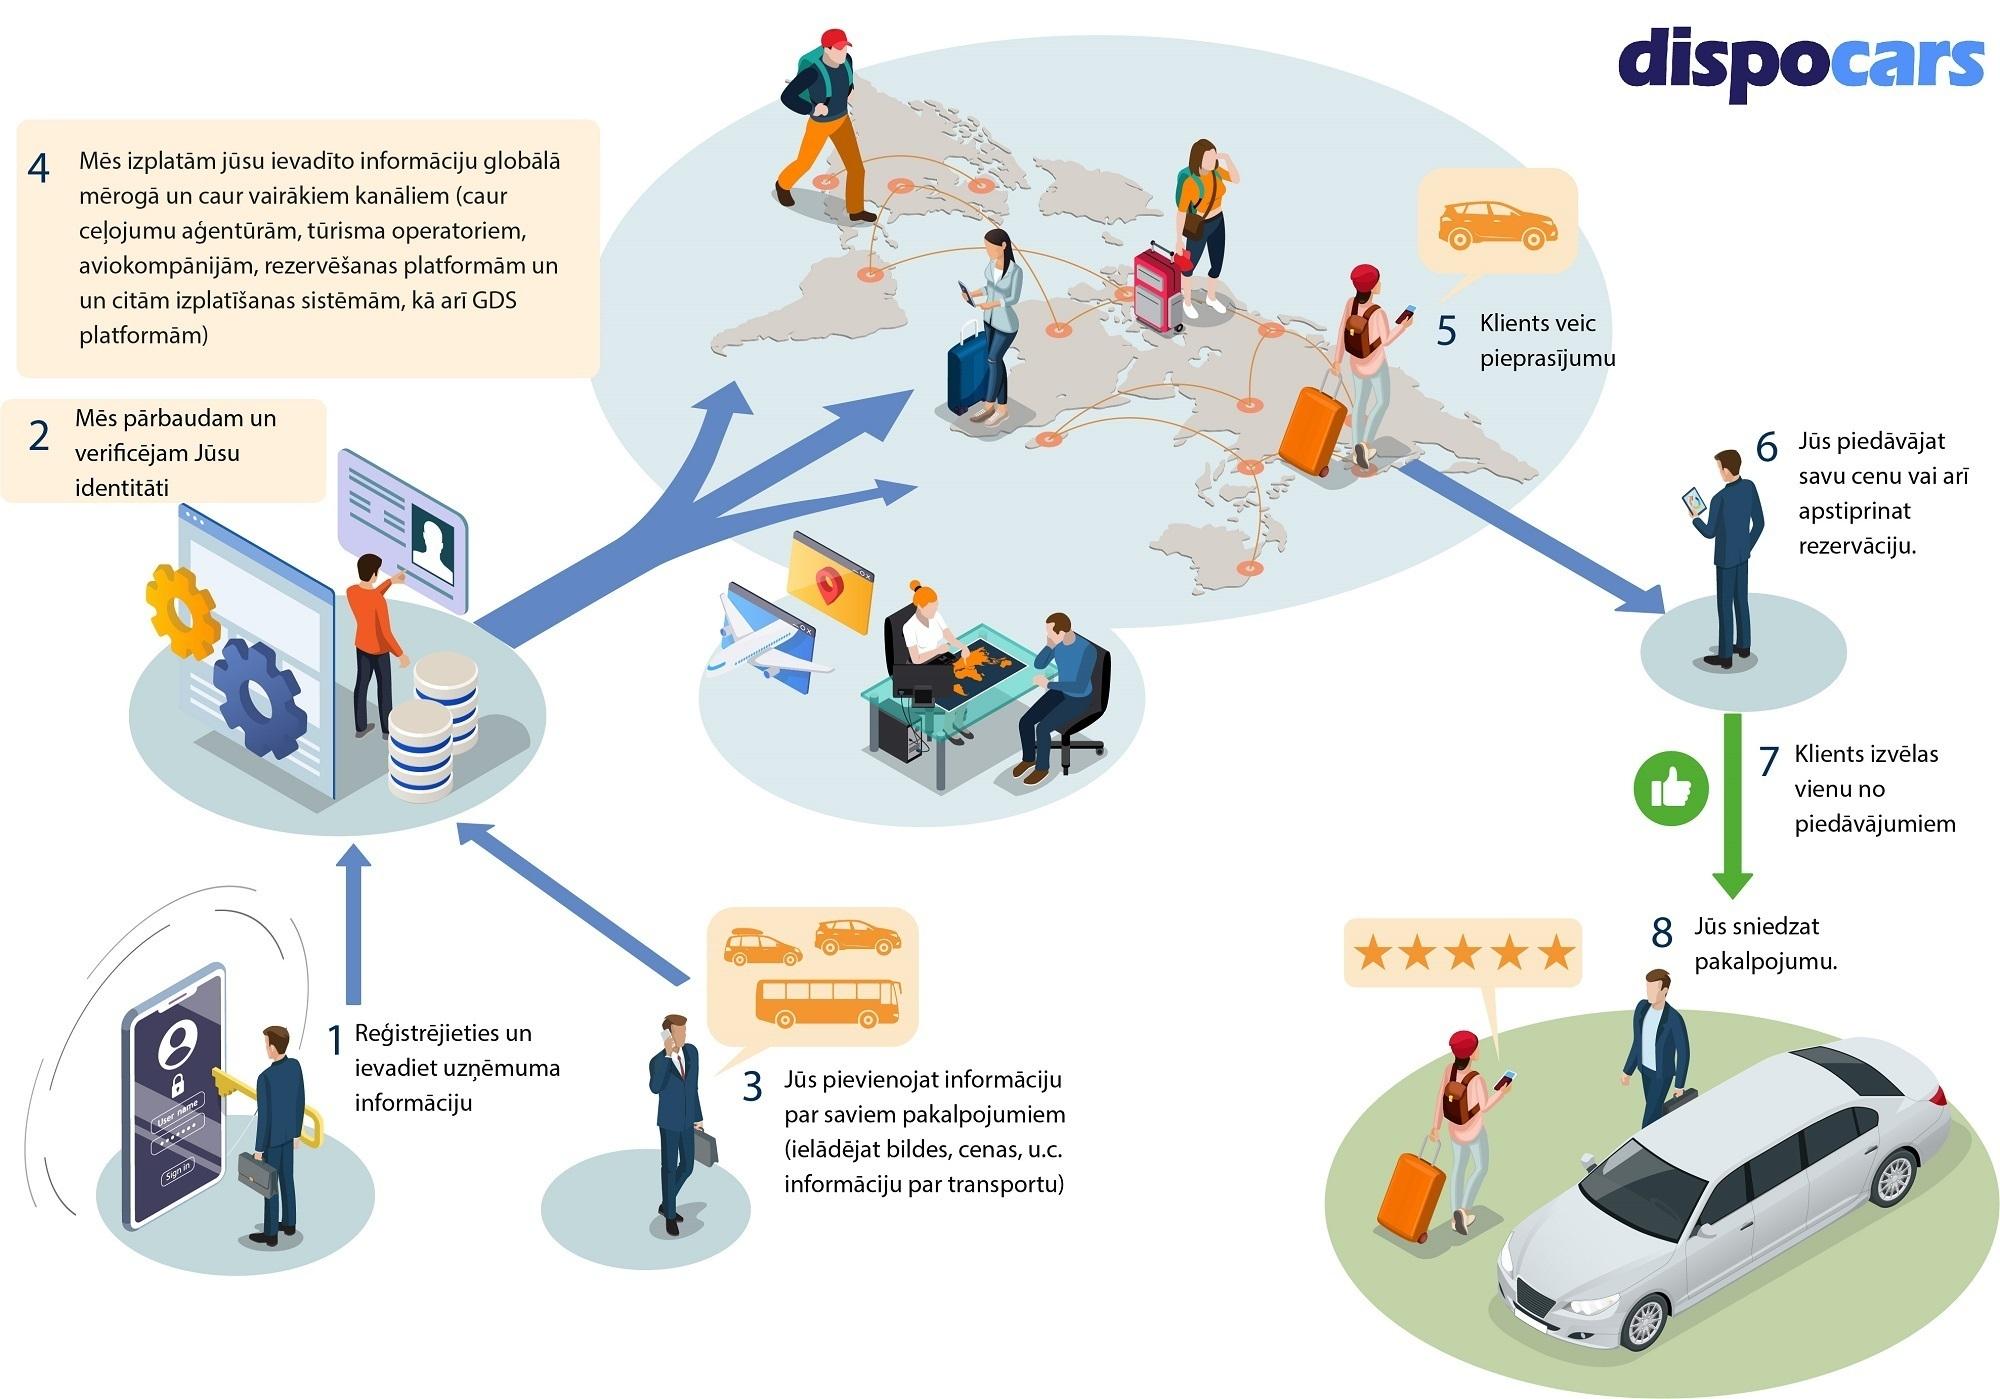 DispoCars - Kā tas strādā? Pakalpojumu sniedzējiem